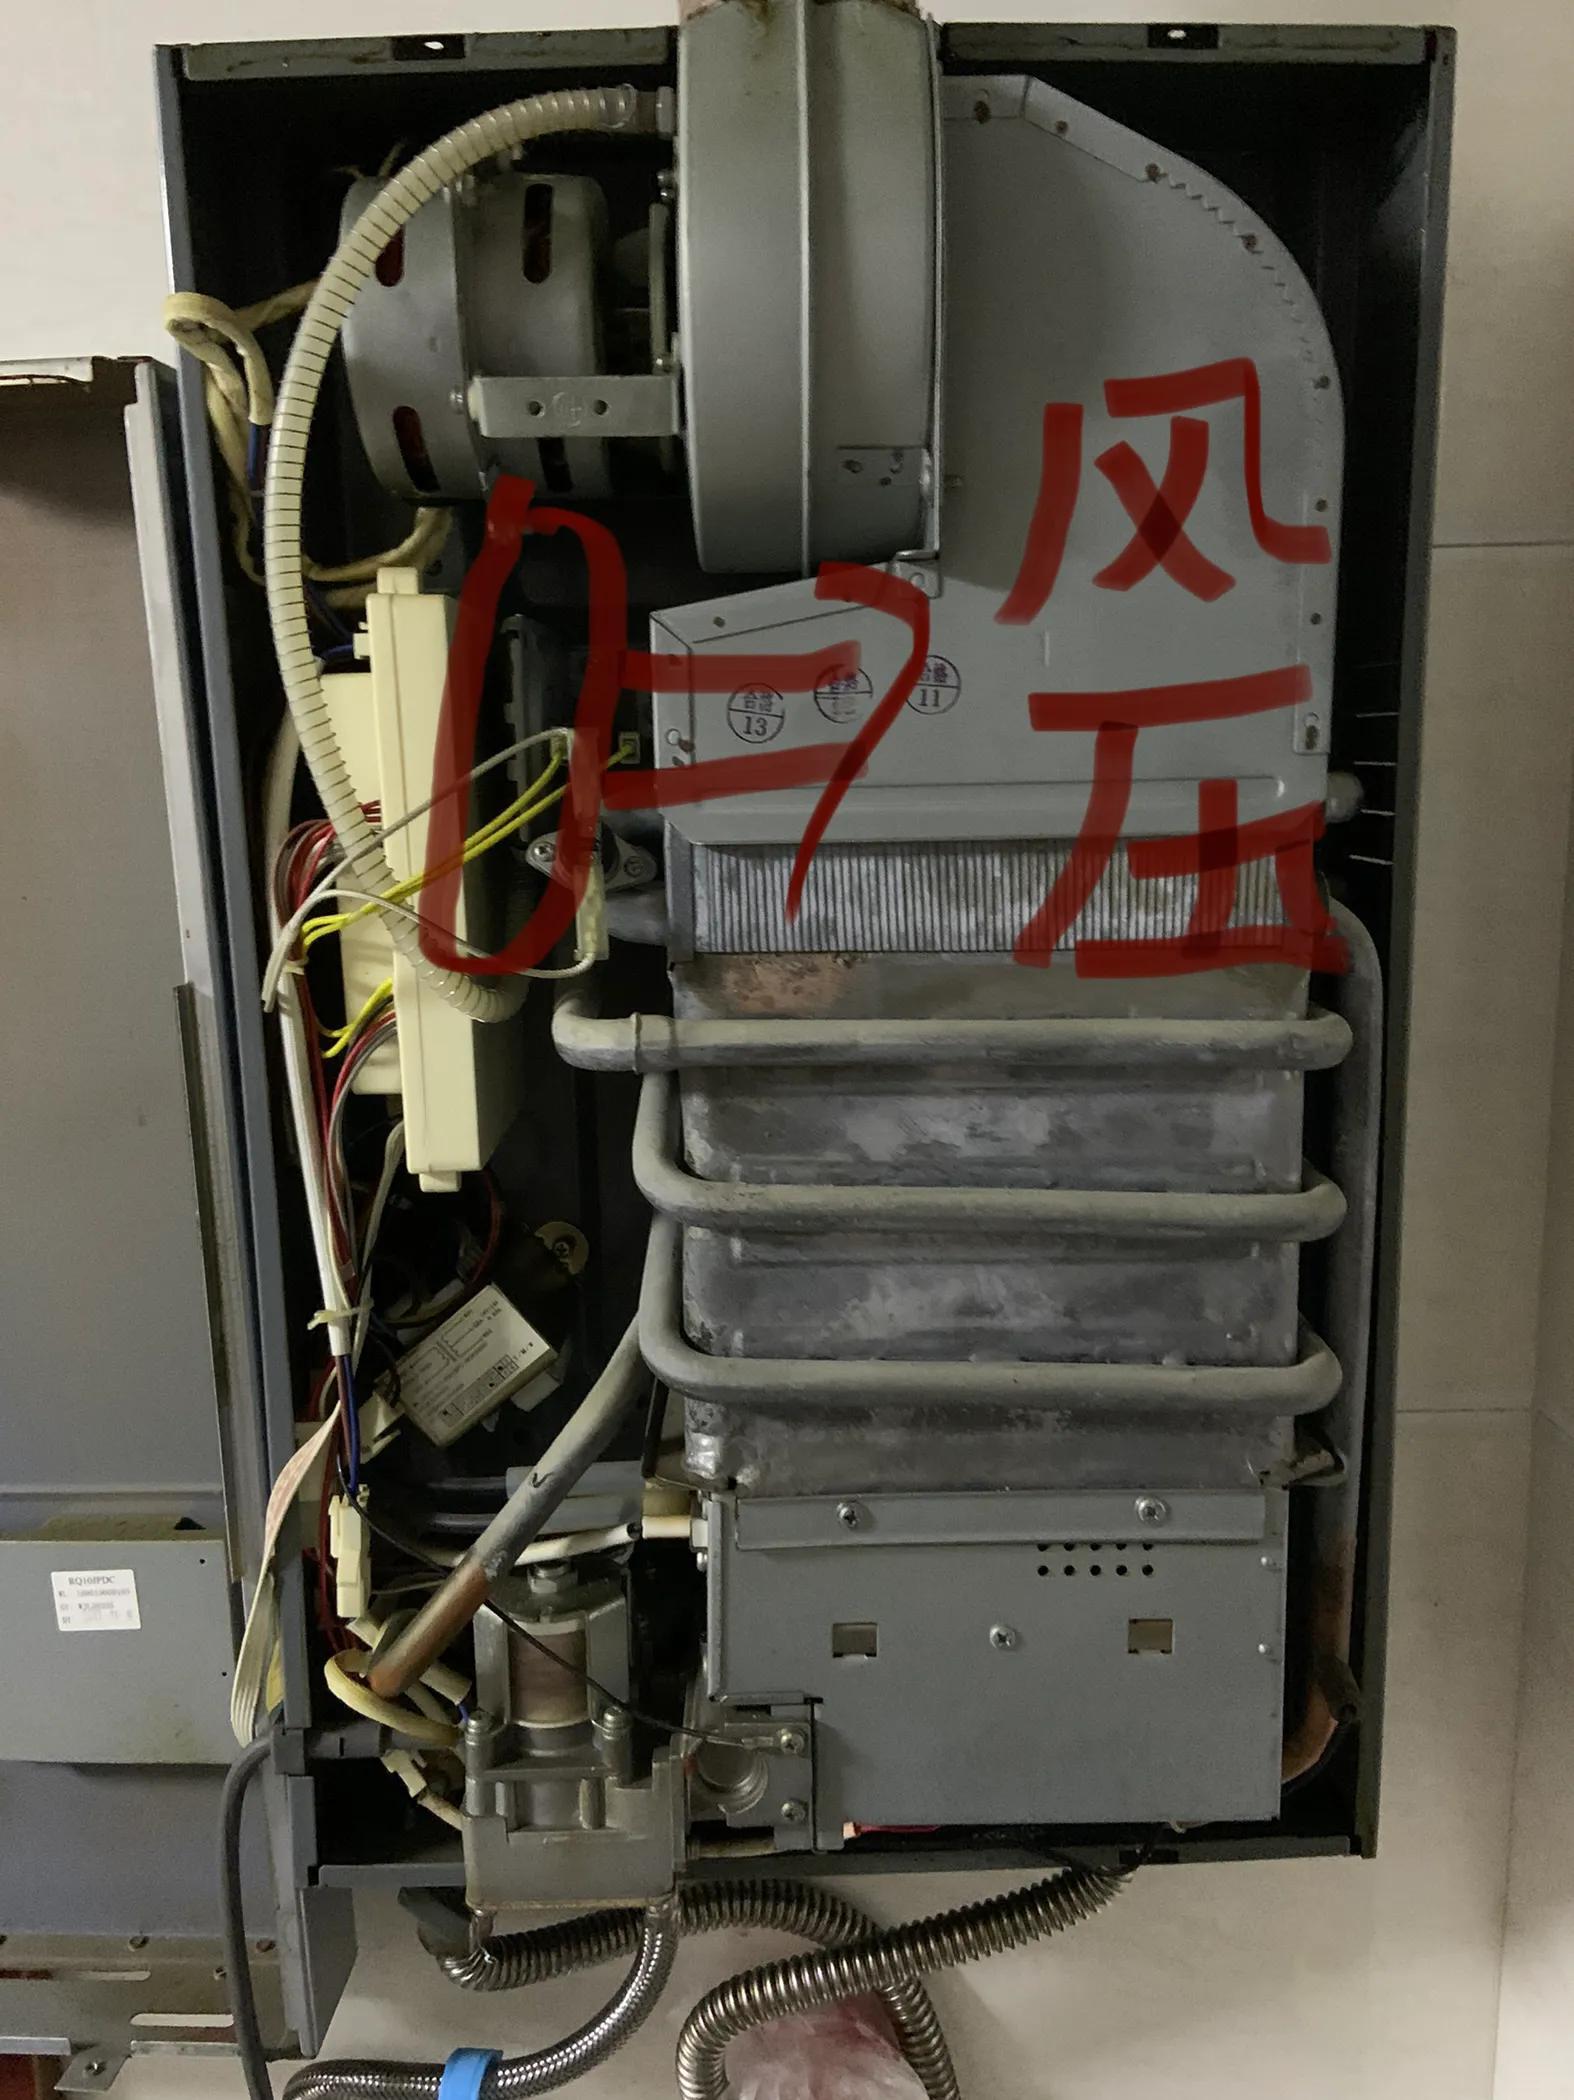 热水器显示e2什么意思(燃气热水器e2故障解决方法)